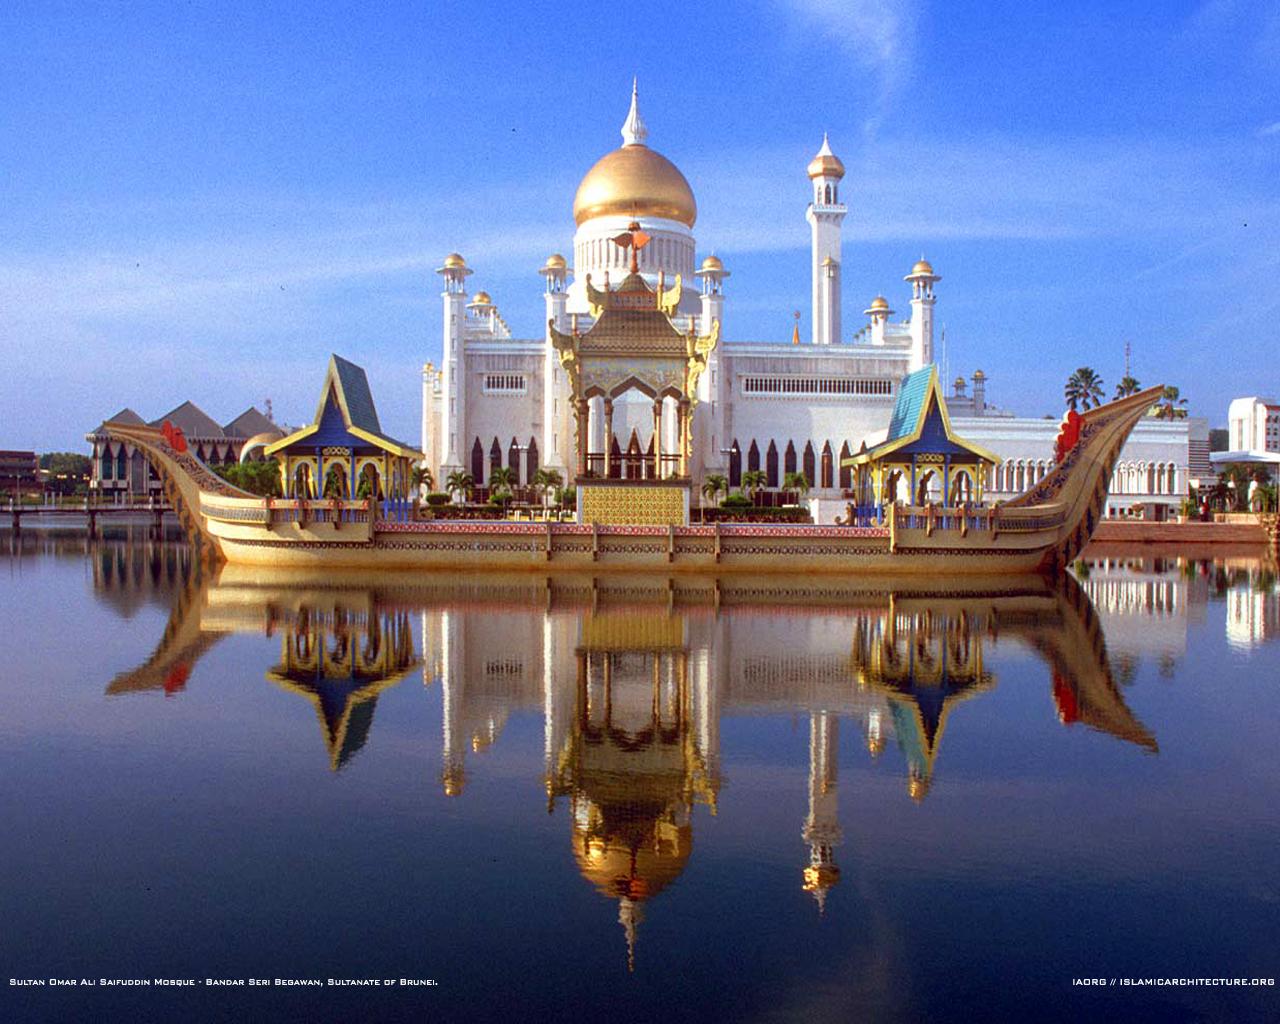 http://2.bp.blogspot.com/-EGMoMUeBejk/TexVF7tlMYI/AAAAAAAAACw/AbYRb8seXRU/s1600/islamic_wallpaper_5_full.jpg